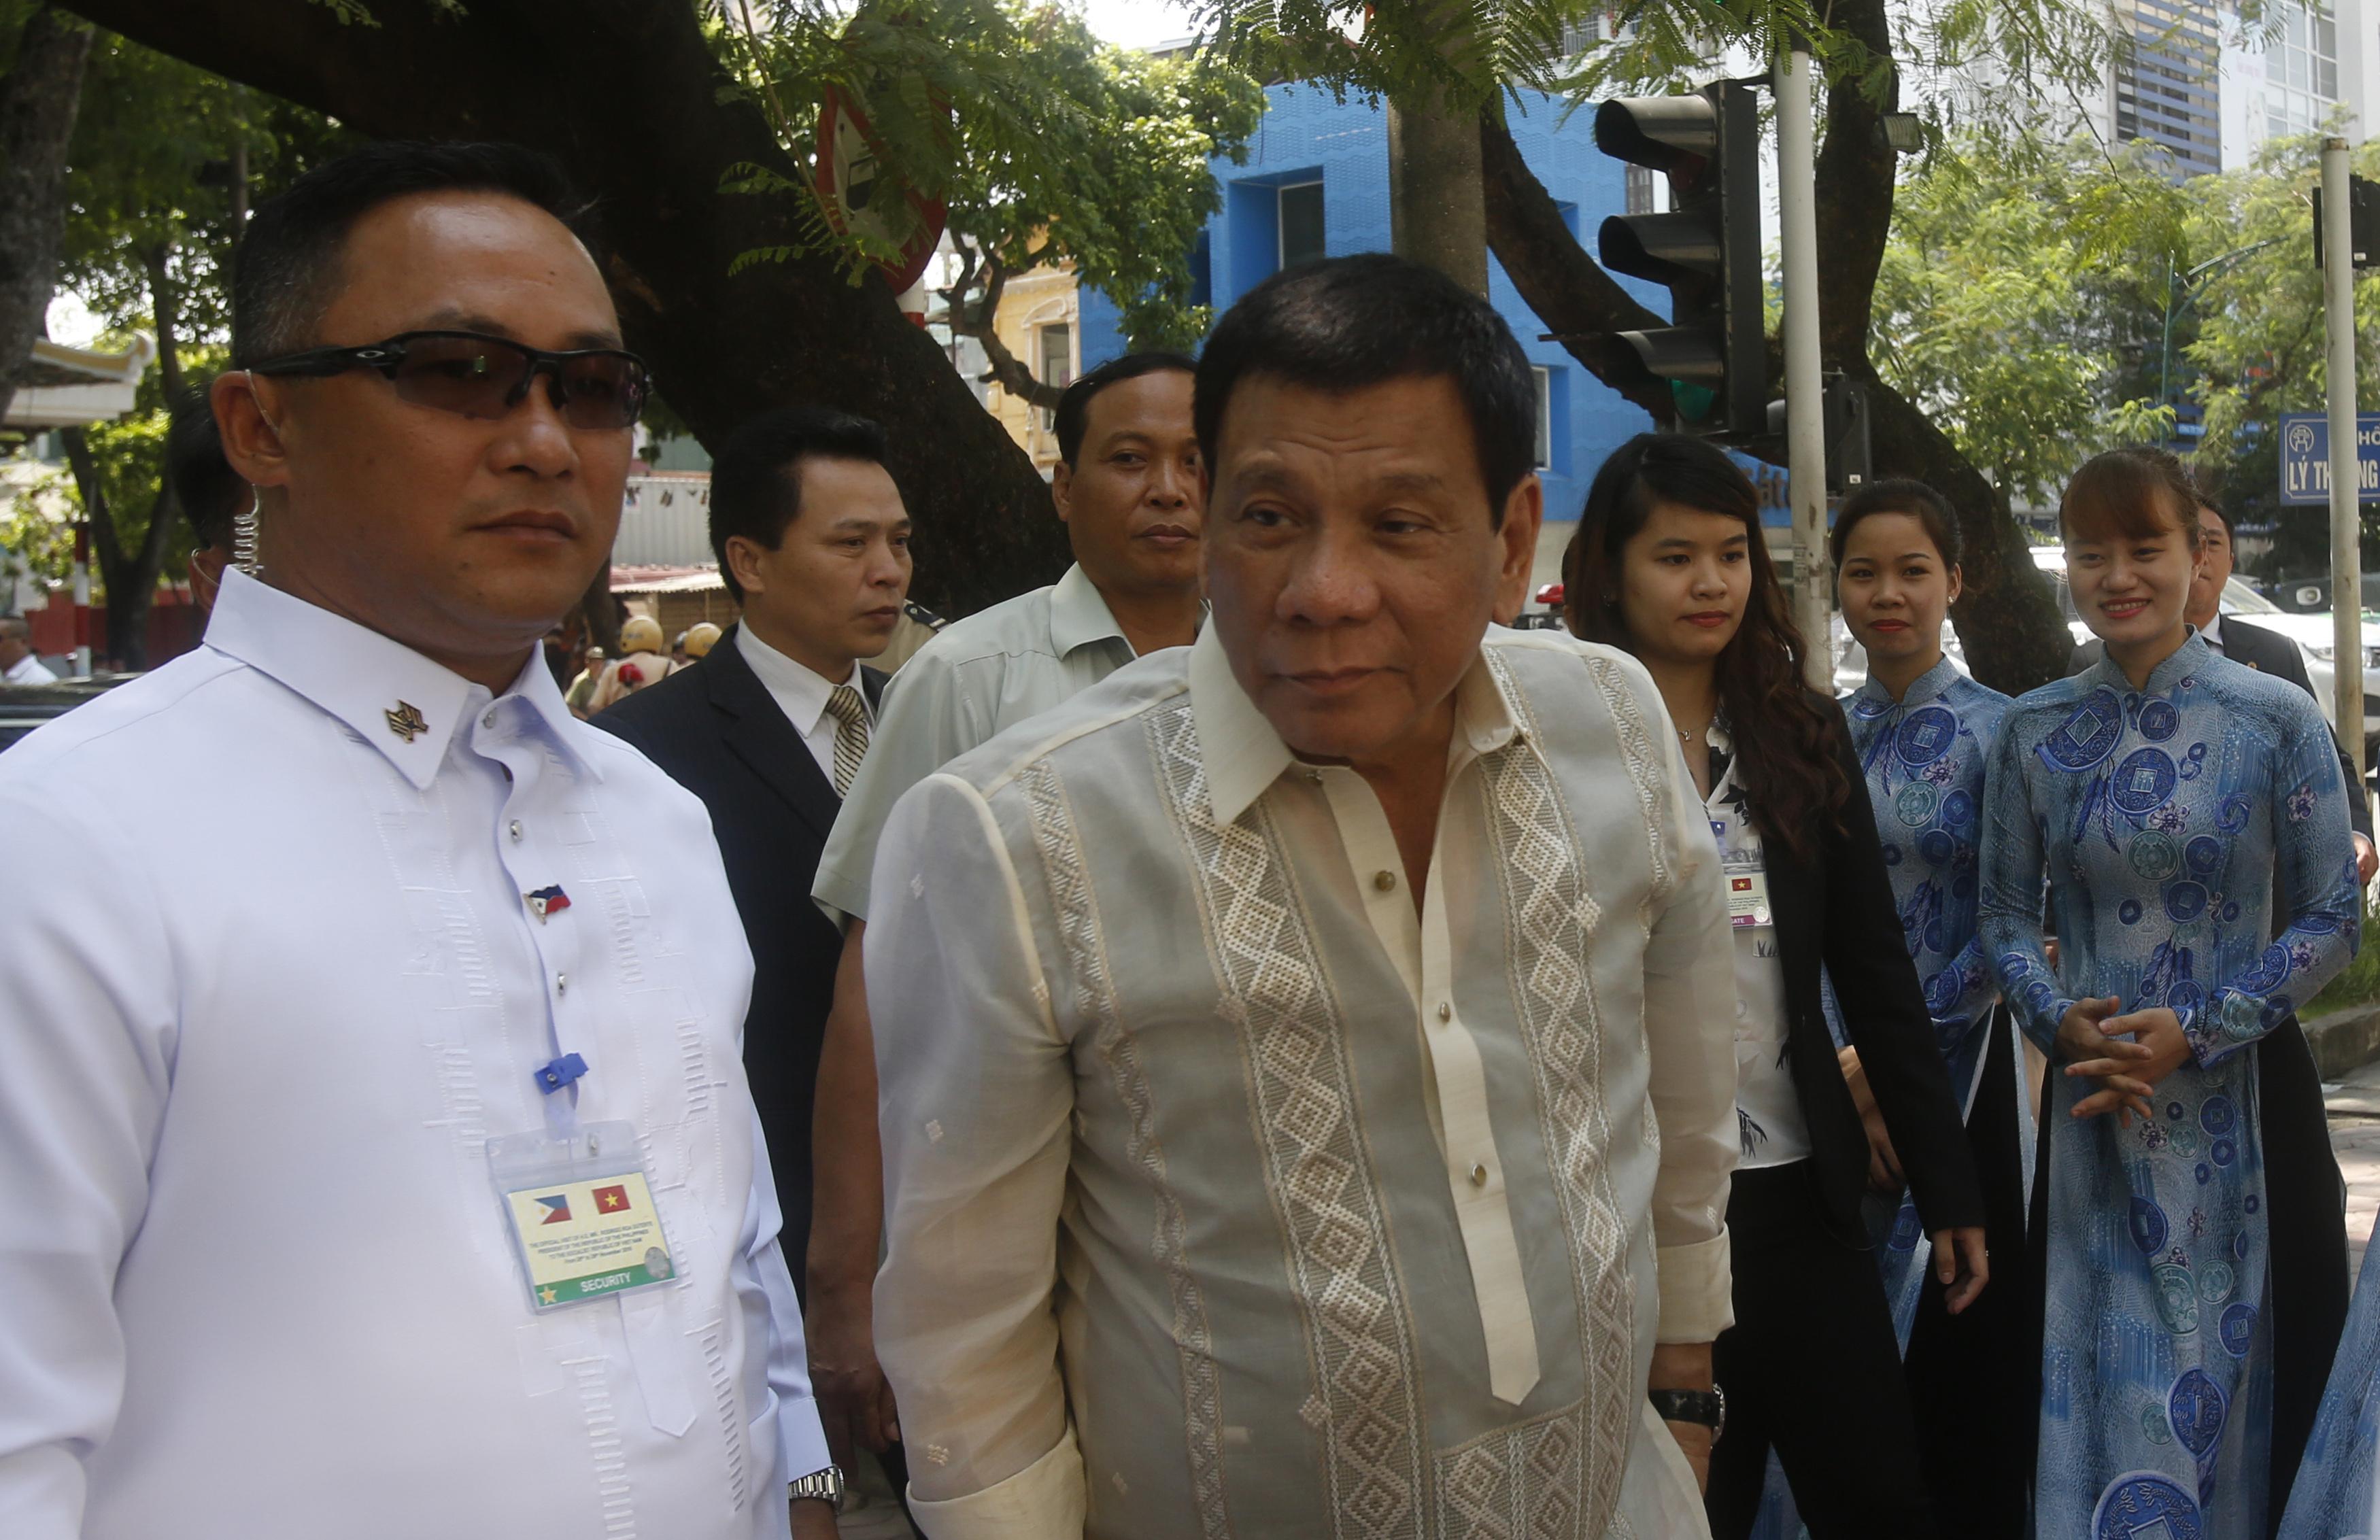 Philippine President Rodrigo Duterte (C) faces the media on his arrival at a restaurant for lunch in Hanoi on September 29, 2016.